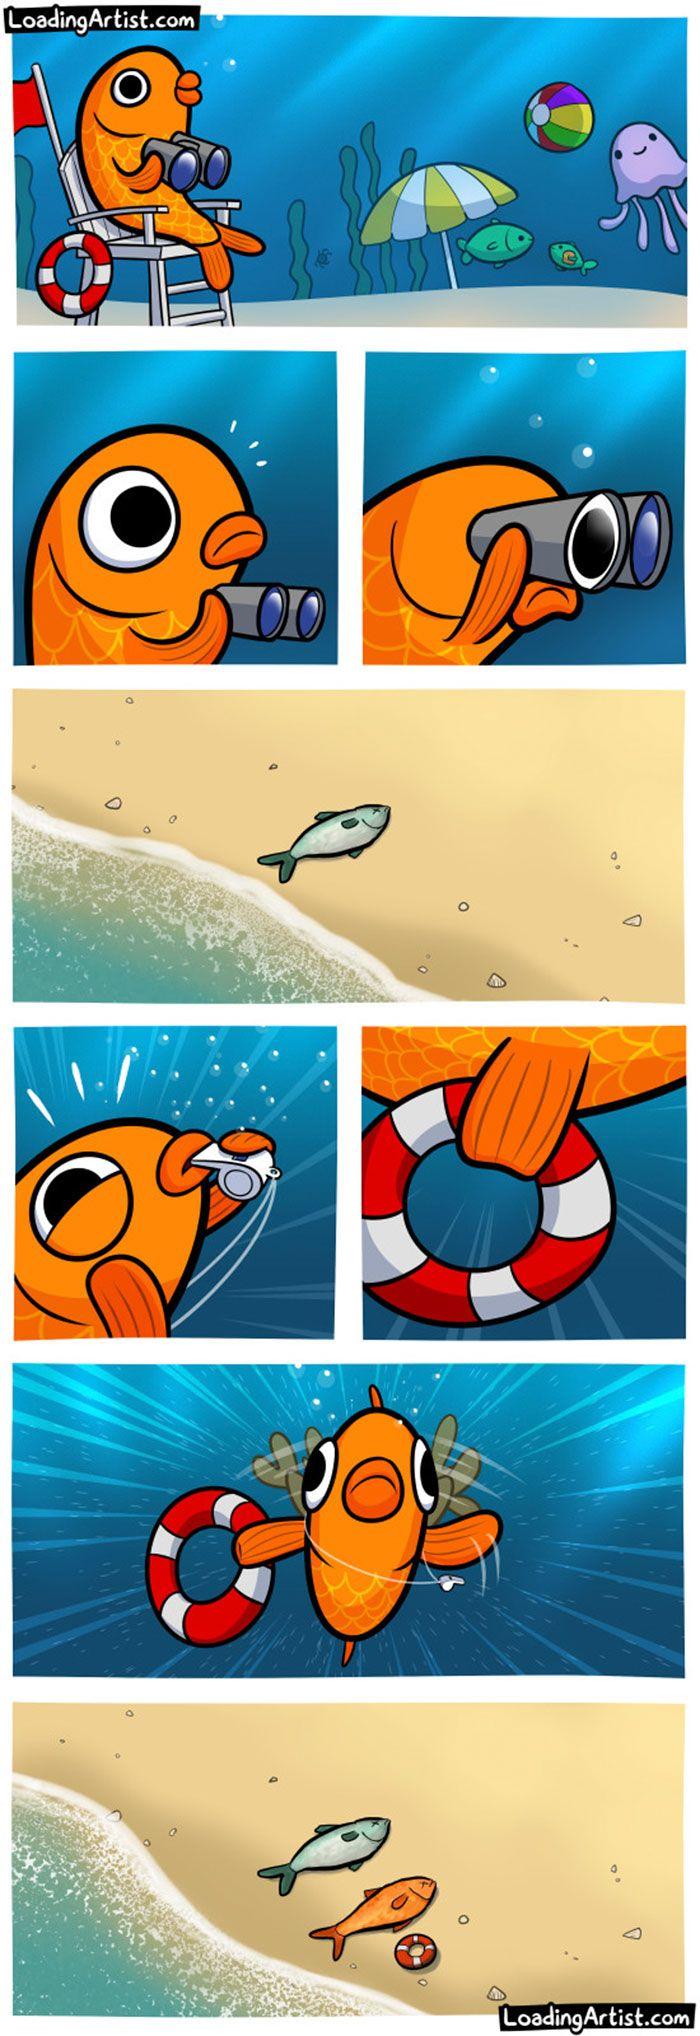 The fish lifeguard